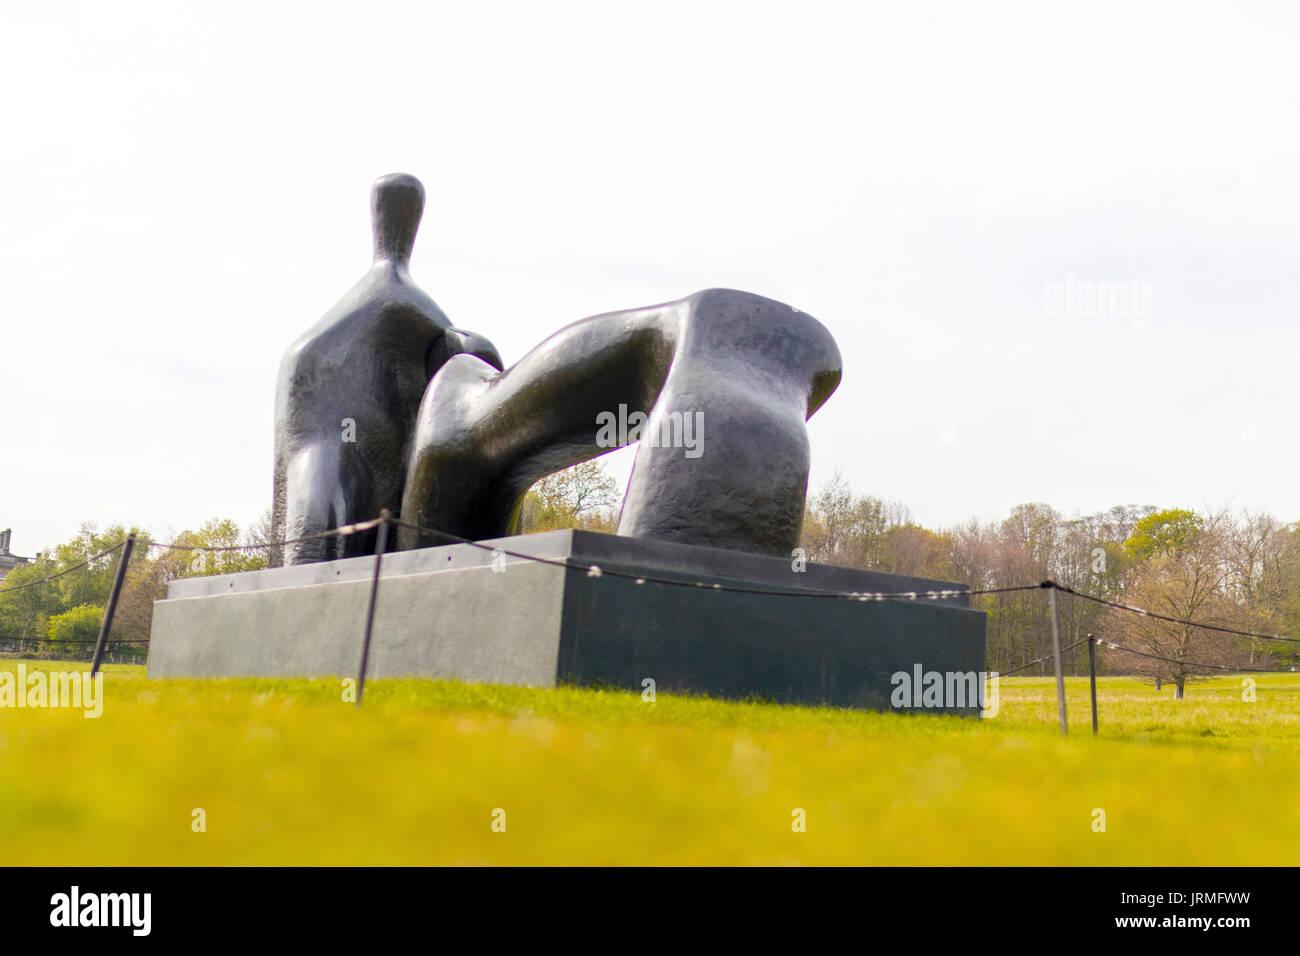 Reclining Figure Arch Leg is a 1969-70 bronze sculpture by Henry Moore  sc 1 st  Alamy & Reclining Figure Arch Leg is a 1969-70 bronze sculpture by Henry ... islam-shia.org